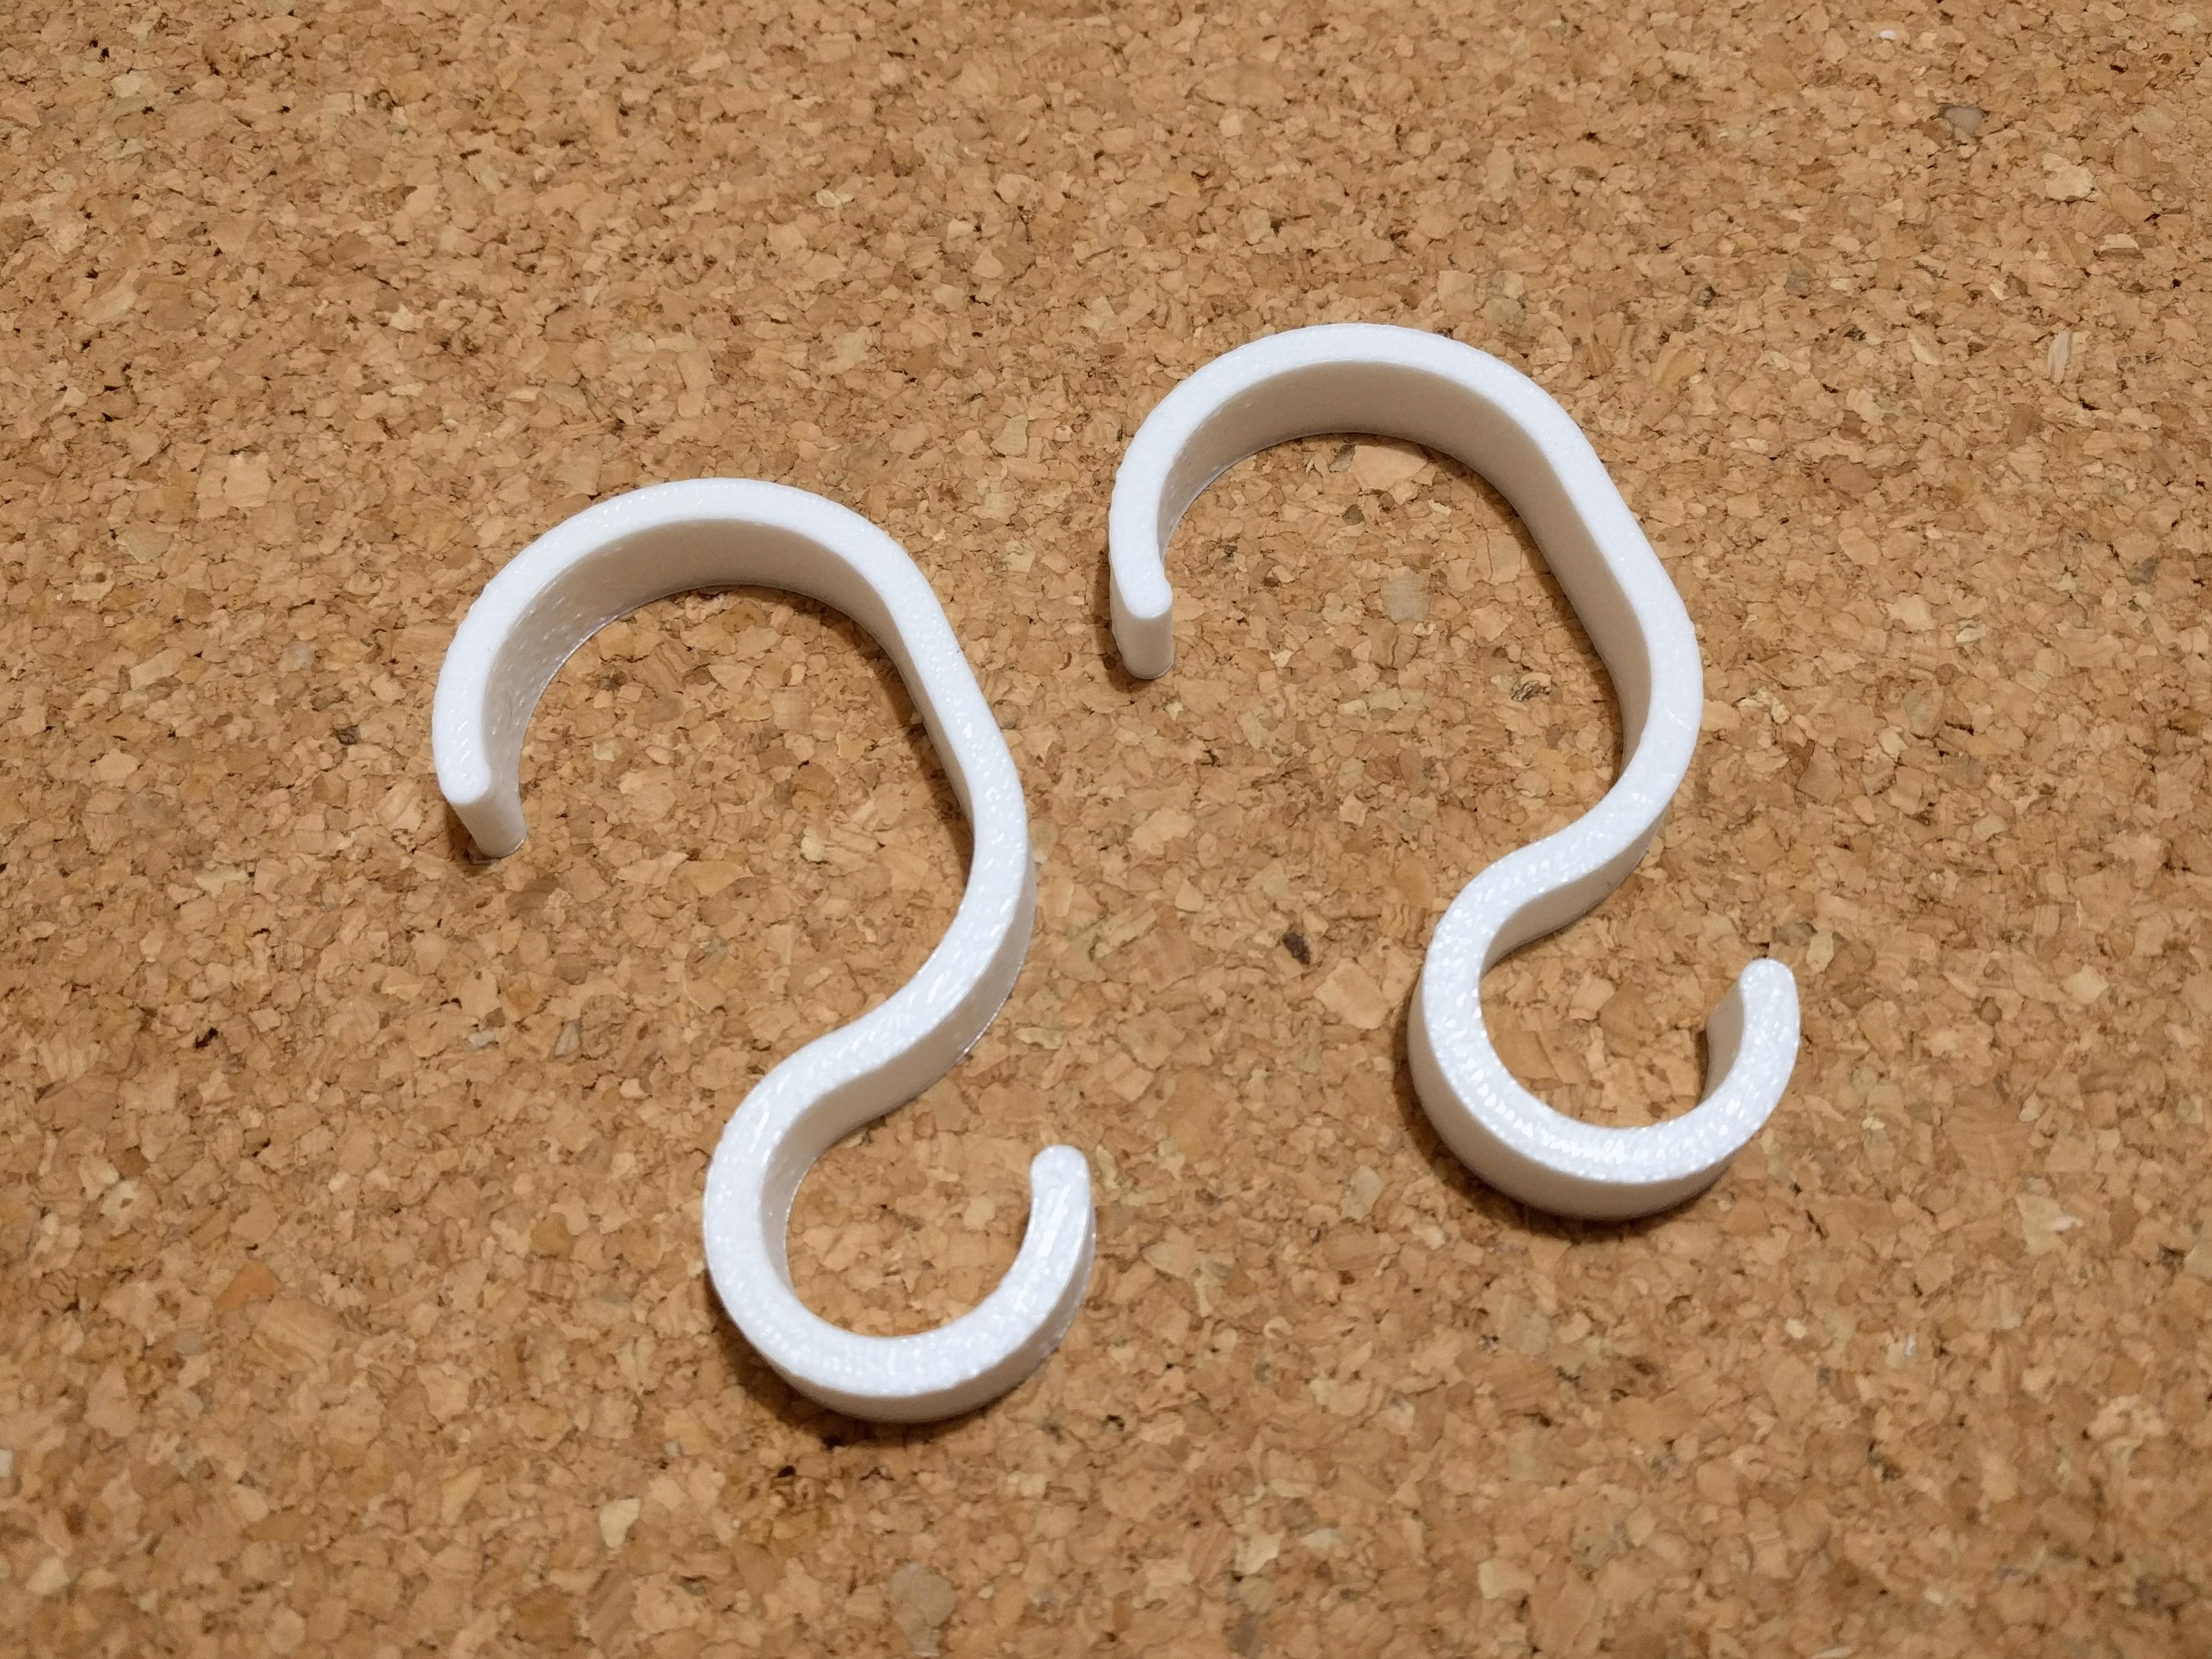 hook01.png Télécharger fichier STL gratuit Crochet pour main courante / barre d'appui / poignée de salle de bain • Modèle à imprimer en 3D, peaberry